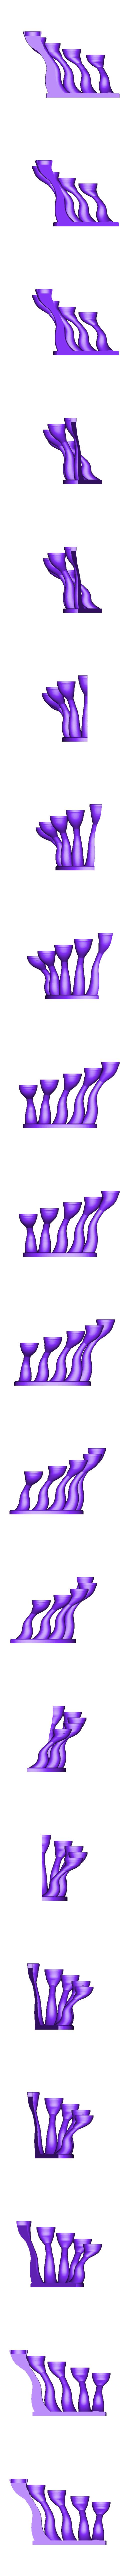 tealight_holder_v2_part_2.stl Télécharger fichier STL gratuit Porte-bougie à chauffe-plat • Design pour imprimante 3D, poblocki1982